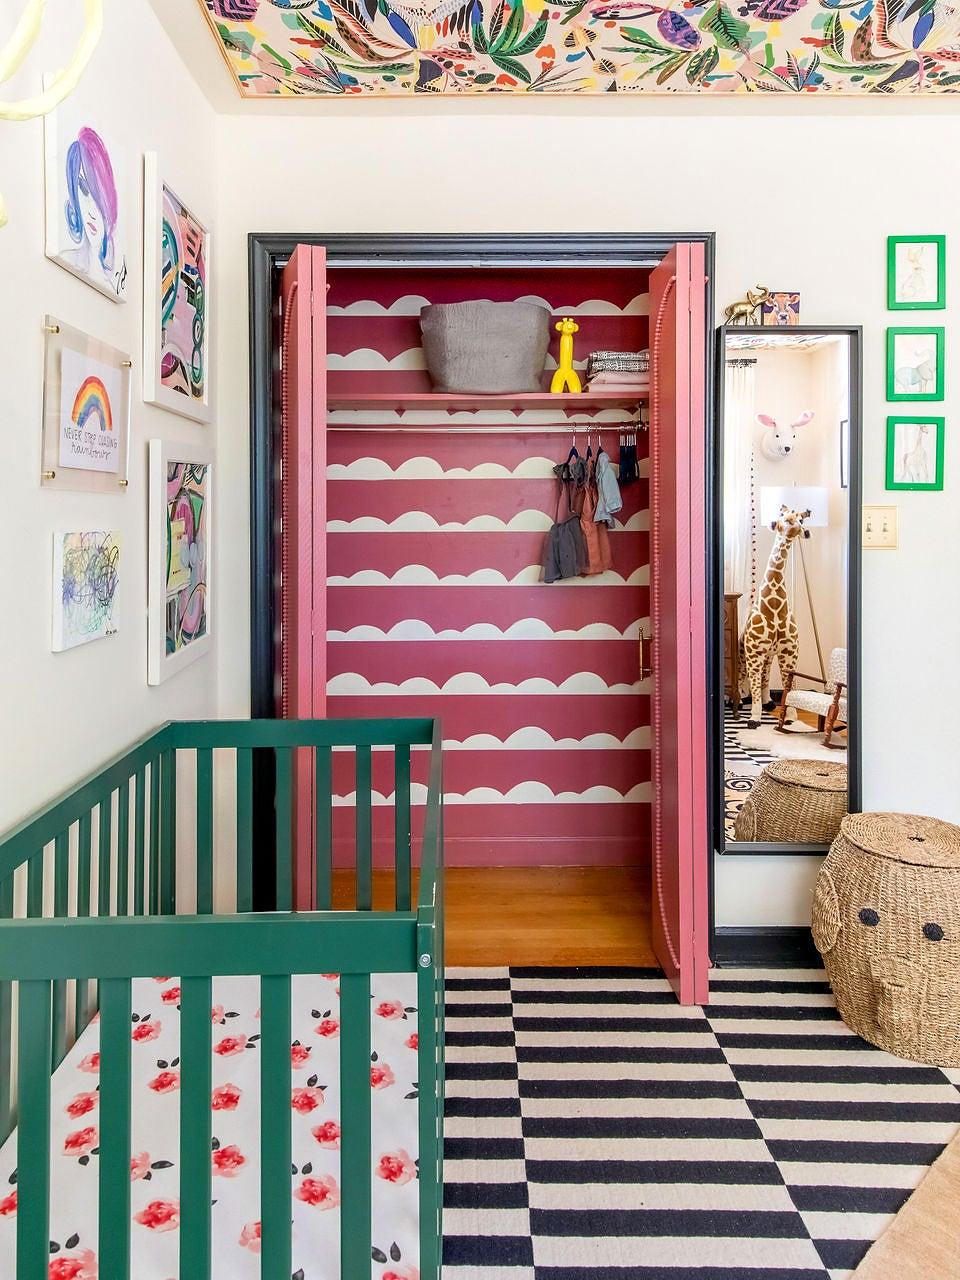 pink closet with cloud design